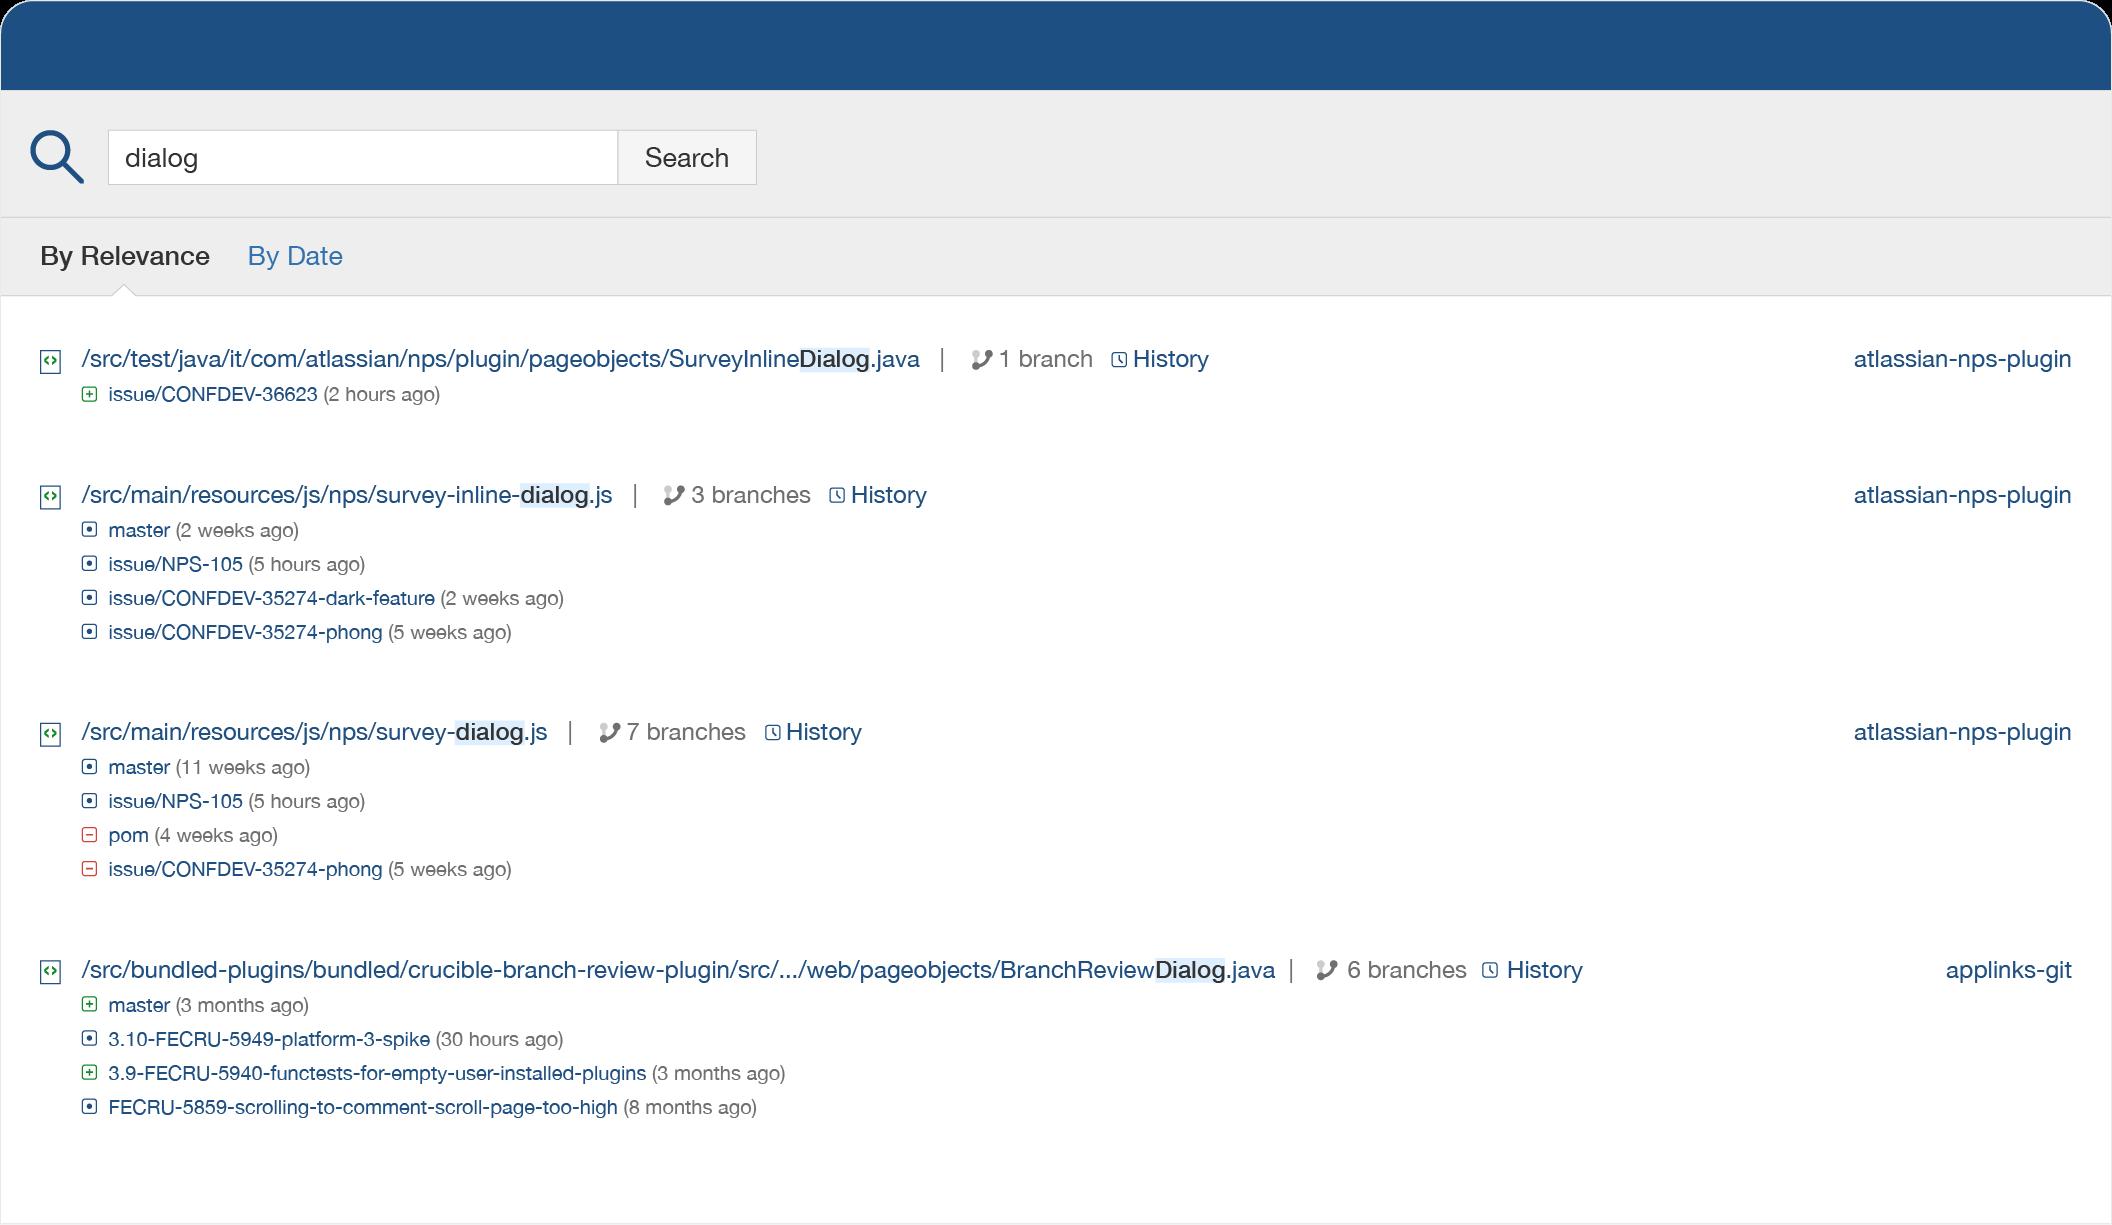 obrázek vyhledávání kódu